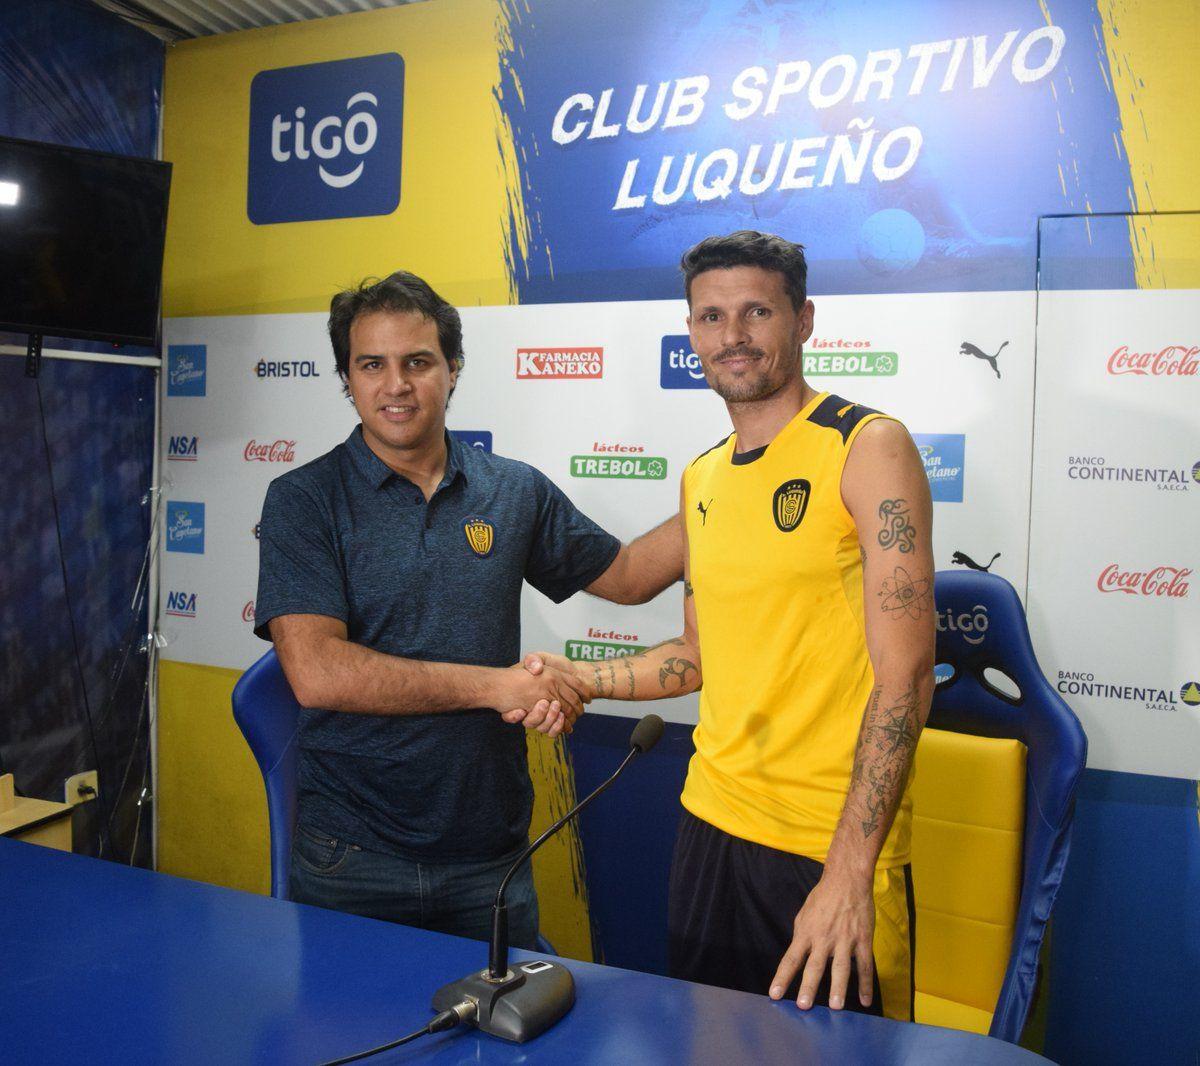 El ciclo de Fernando Ortiz duró poco en la República. Foto: Club Sportivo Luqueño